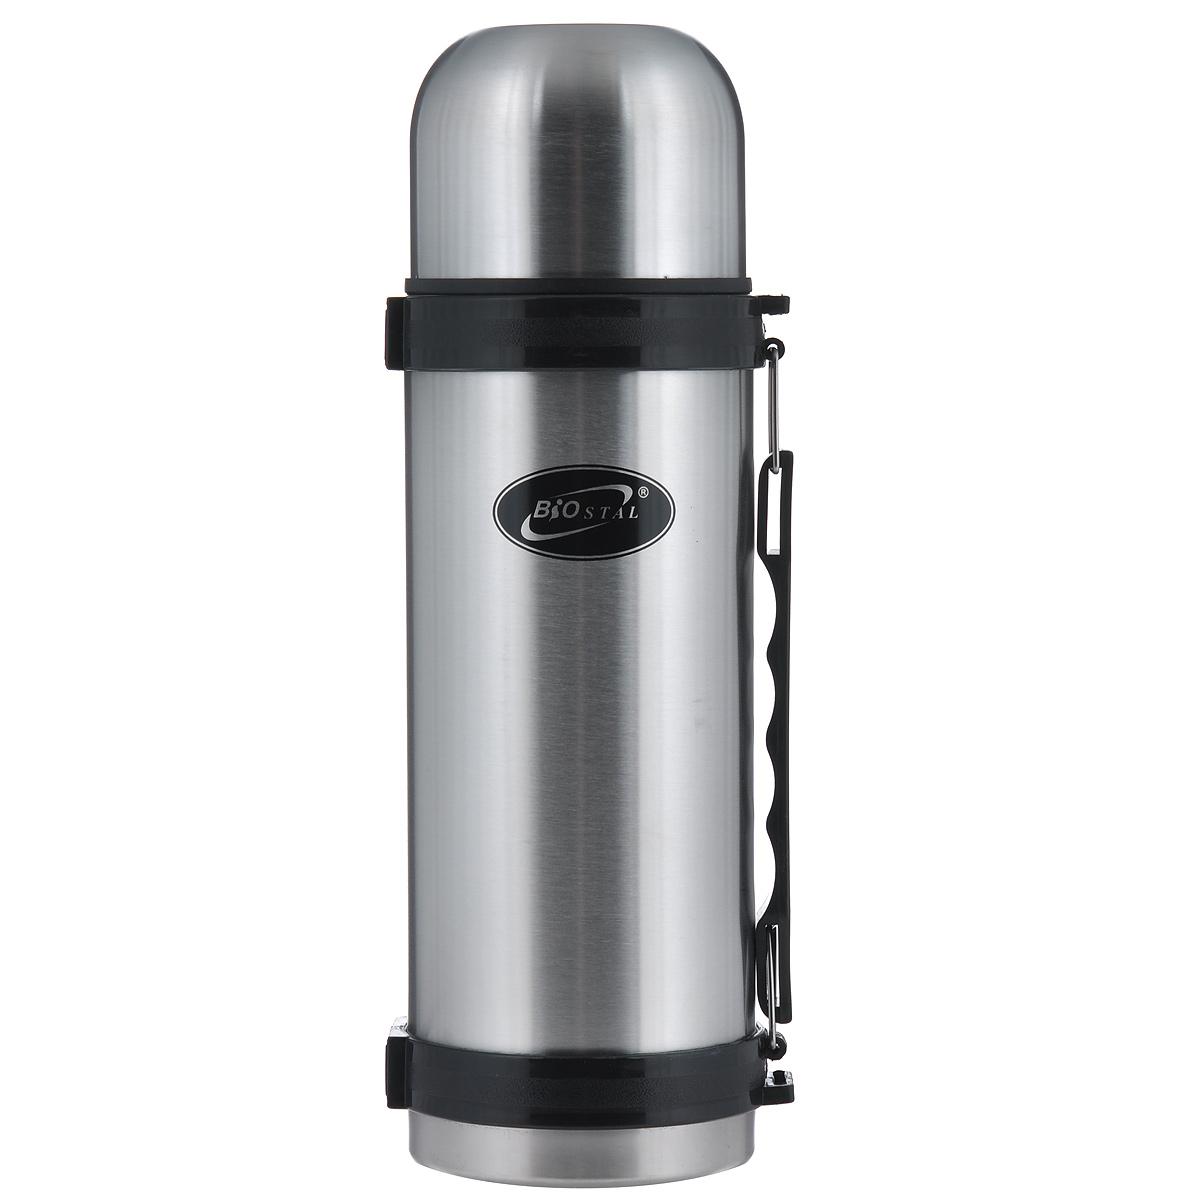 Термос BIOSTAL, 1,5 л. NY-1500-2NY-1500-2Термос с узким горлом BIOSTAL, изготовленный из высококачественной нержавеющей стали, относится к классической серии. Термосы этой серии, являющейся лидером продаж, просты в использовании, экономичны и многофункциональны. Термос предназначен для хранения горячих и холодных напитков (чая, кофе) и укомплектован пробкой с кнопкой. Такая пробка удобна в использовании и позволяет, не отвинчивая ее, наливать напитки после простого нажатия. Изделие также оснащено крышкой-чашкой, и удобной пластиковой ручкой. Легкий и прочный термос BIOSTAL сохранит ваши напитки горячими или холодными надолго.